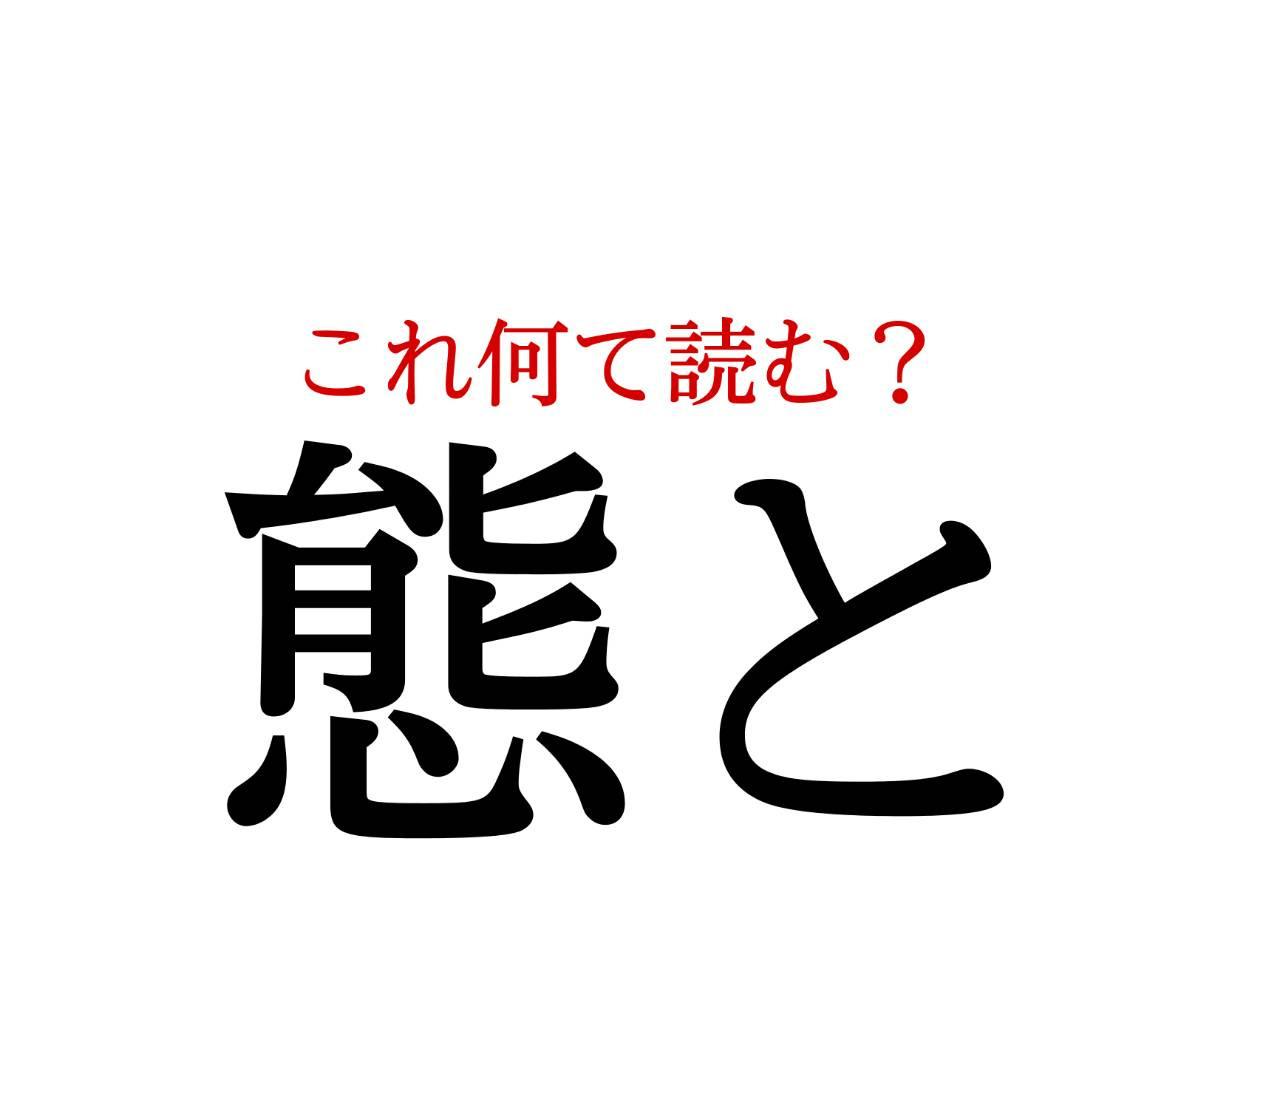 「態と」:この漢字、自信を持って読めますか?【働く大人の漢字クイズvol.176】